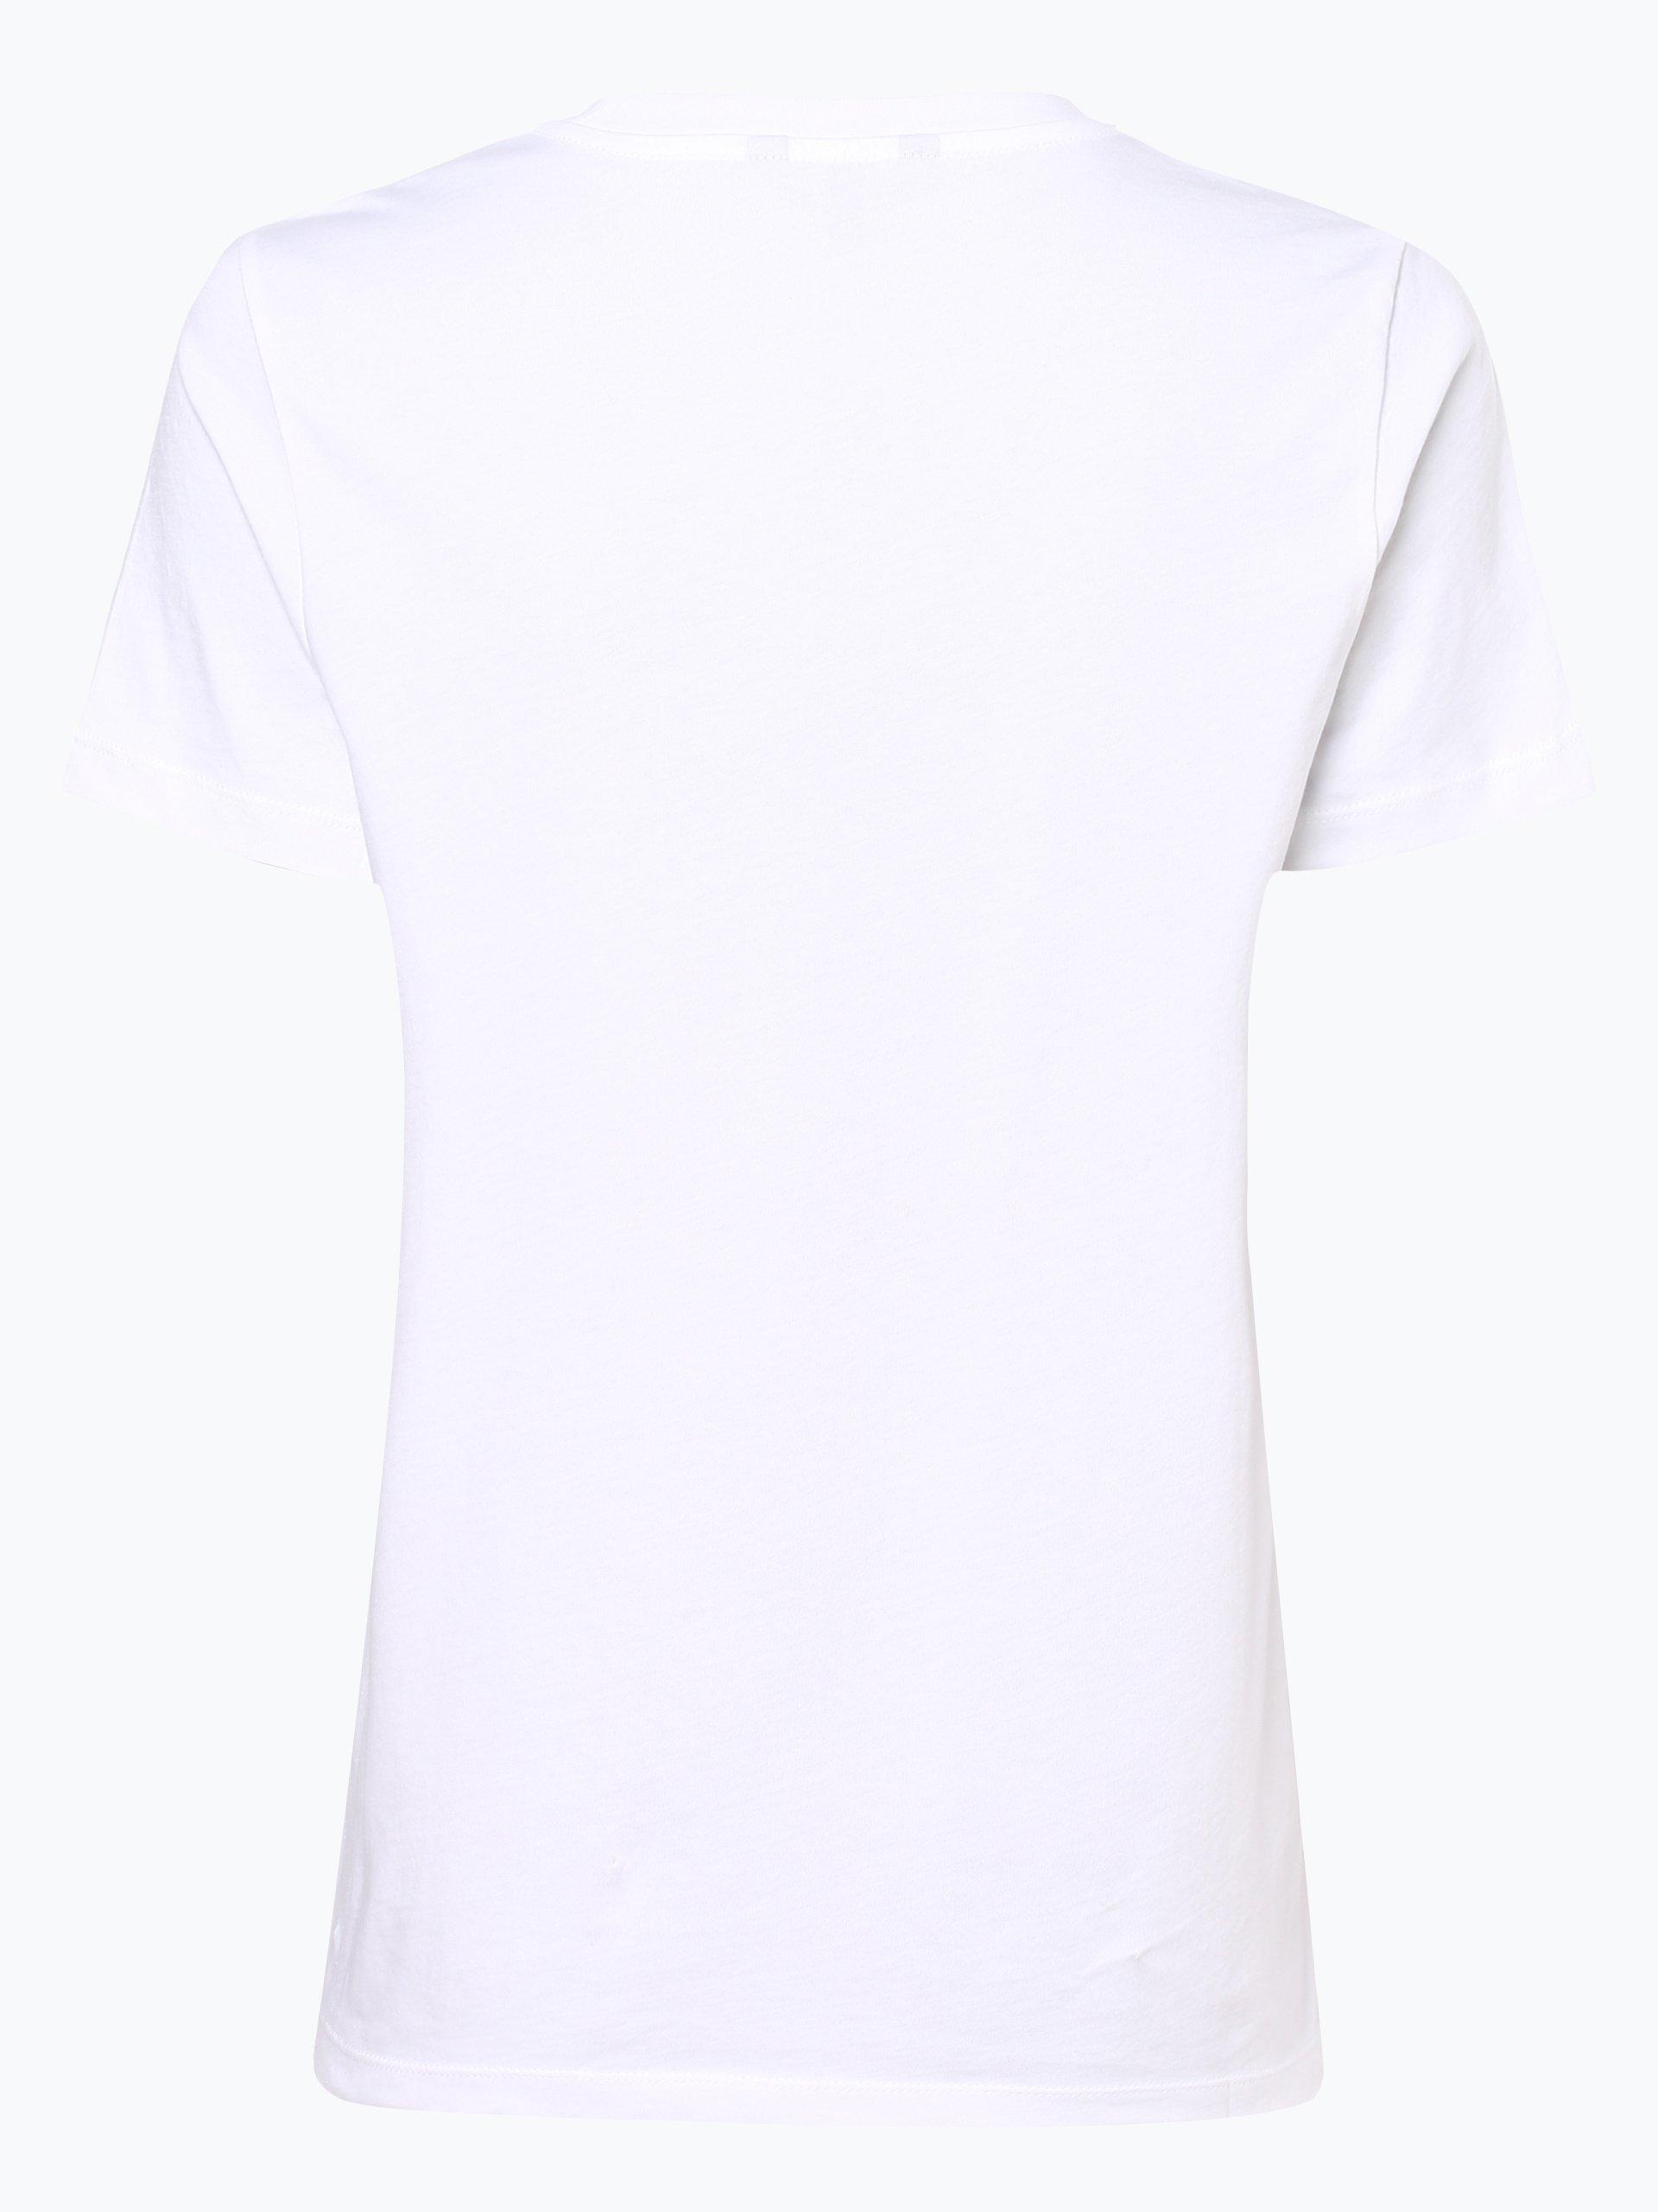 tommy hilfiger damen t shirt effy wei bedruckt online kaufen peek und cloppenburg de. Black Bedroom Furniture Sets. Home Design Ideas